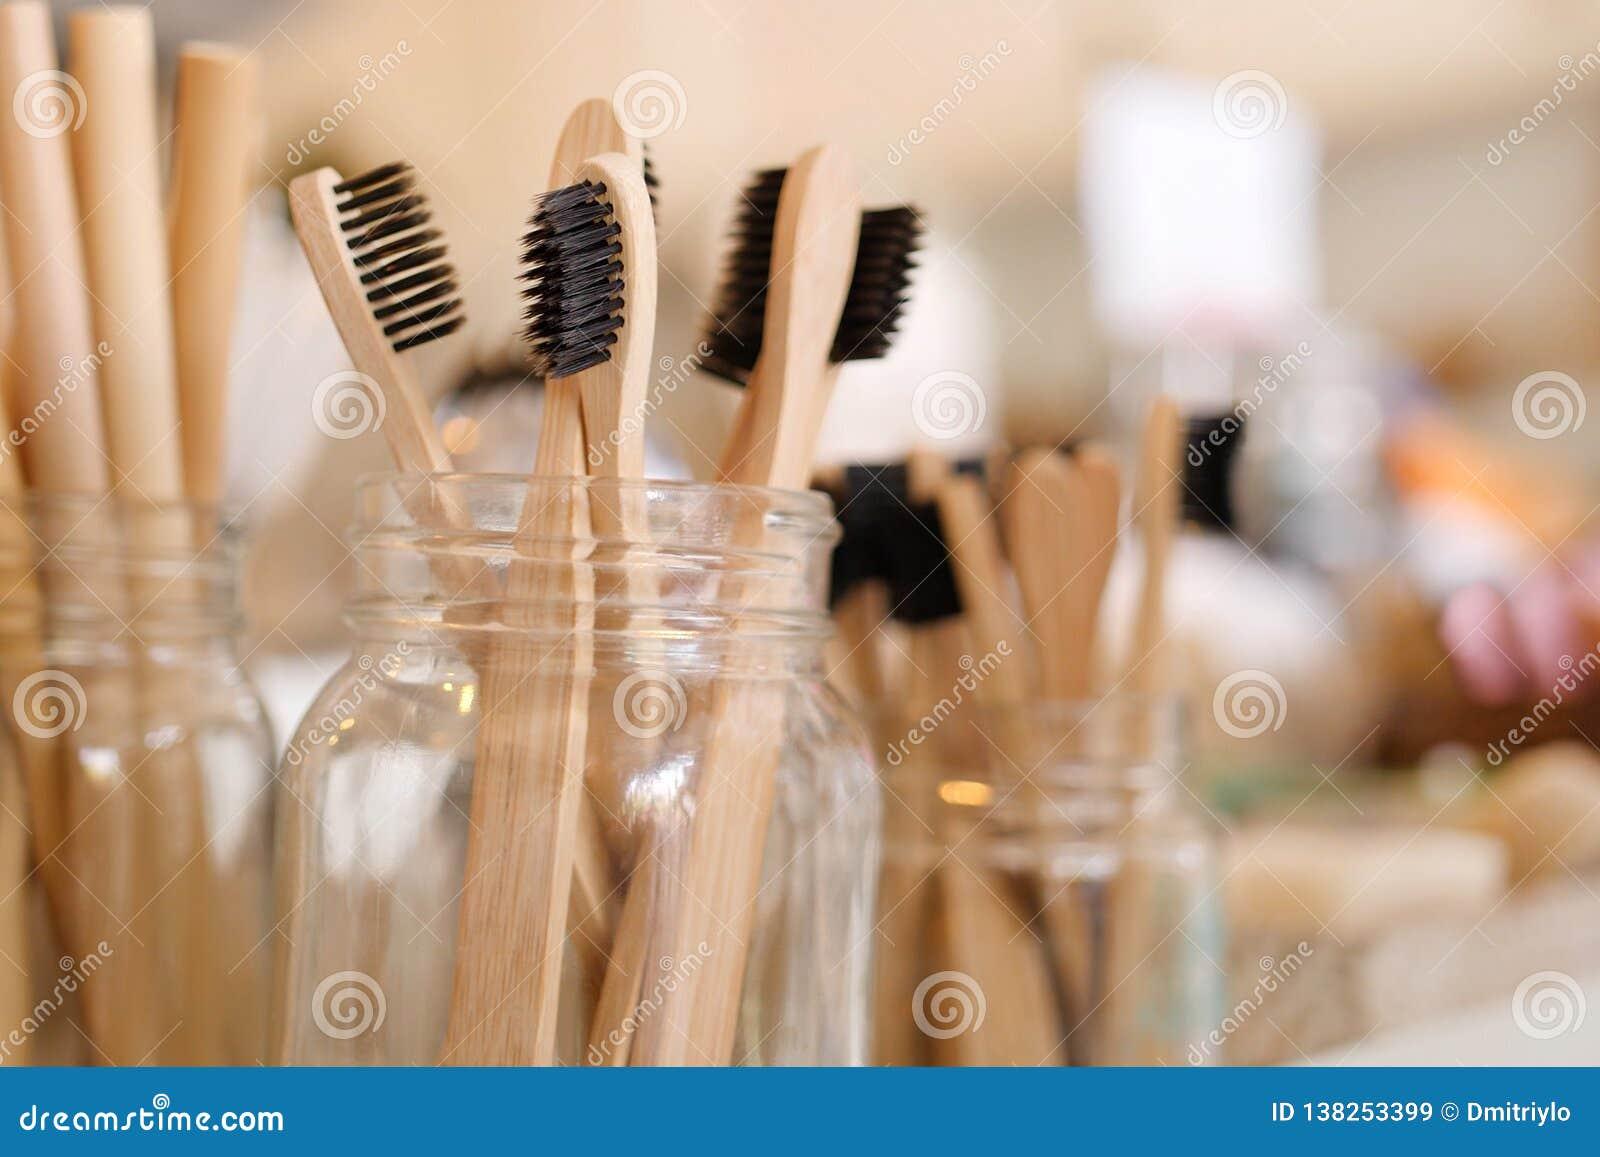 竹Eco友好的生物可分解的木牙刷在零的废商店 没有塑料神志清楚的简单派素食主义者生活方式